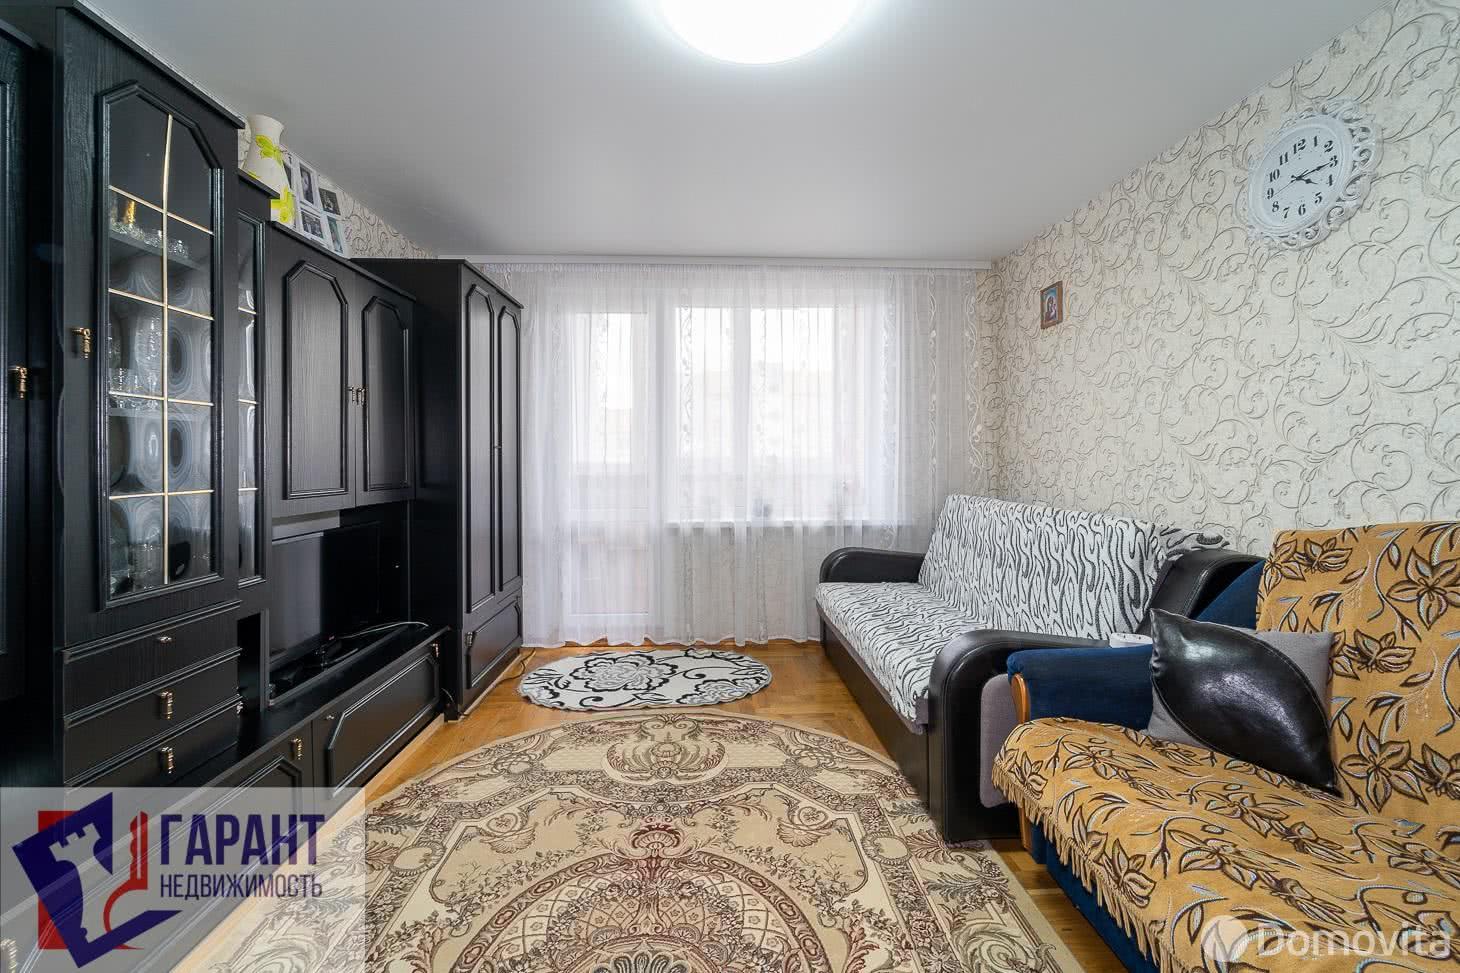 Купить комнату в Минске, ул. Одинцова, д. 29 - фото 6